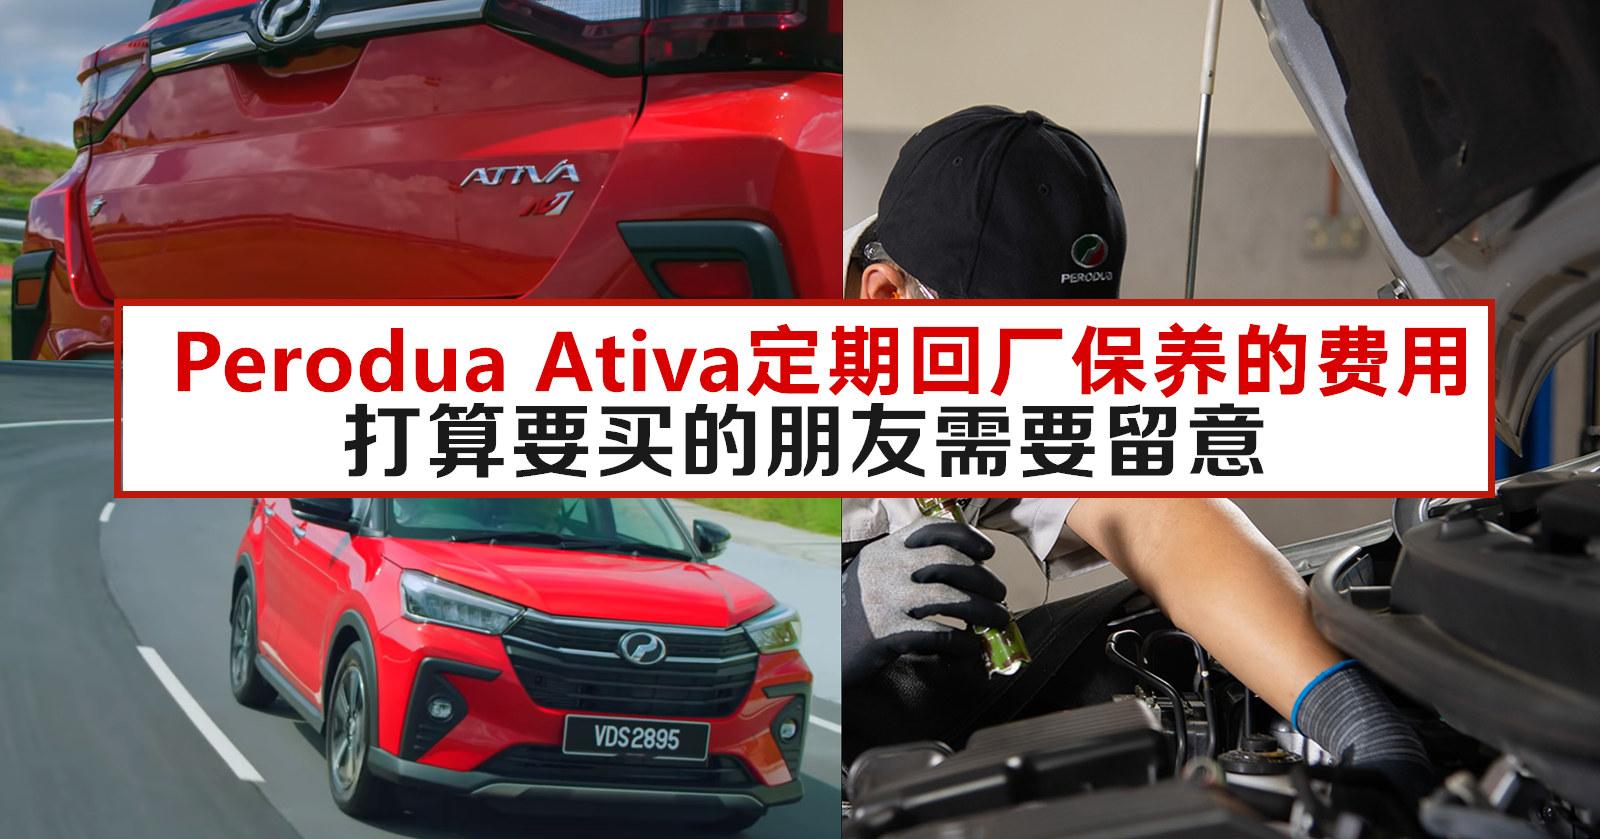 Perodua Ativa定期回厂保养的费用,打算要买的朋友需要留意